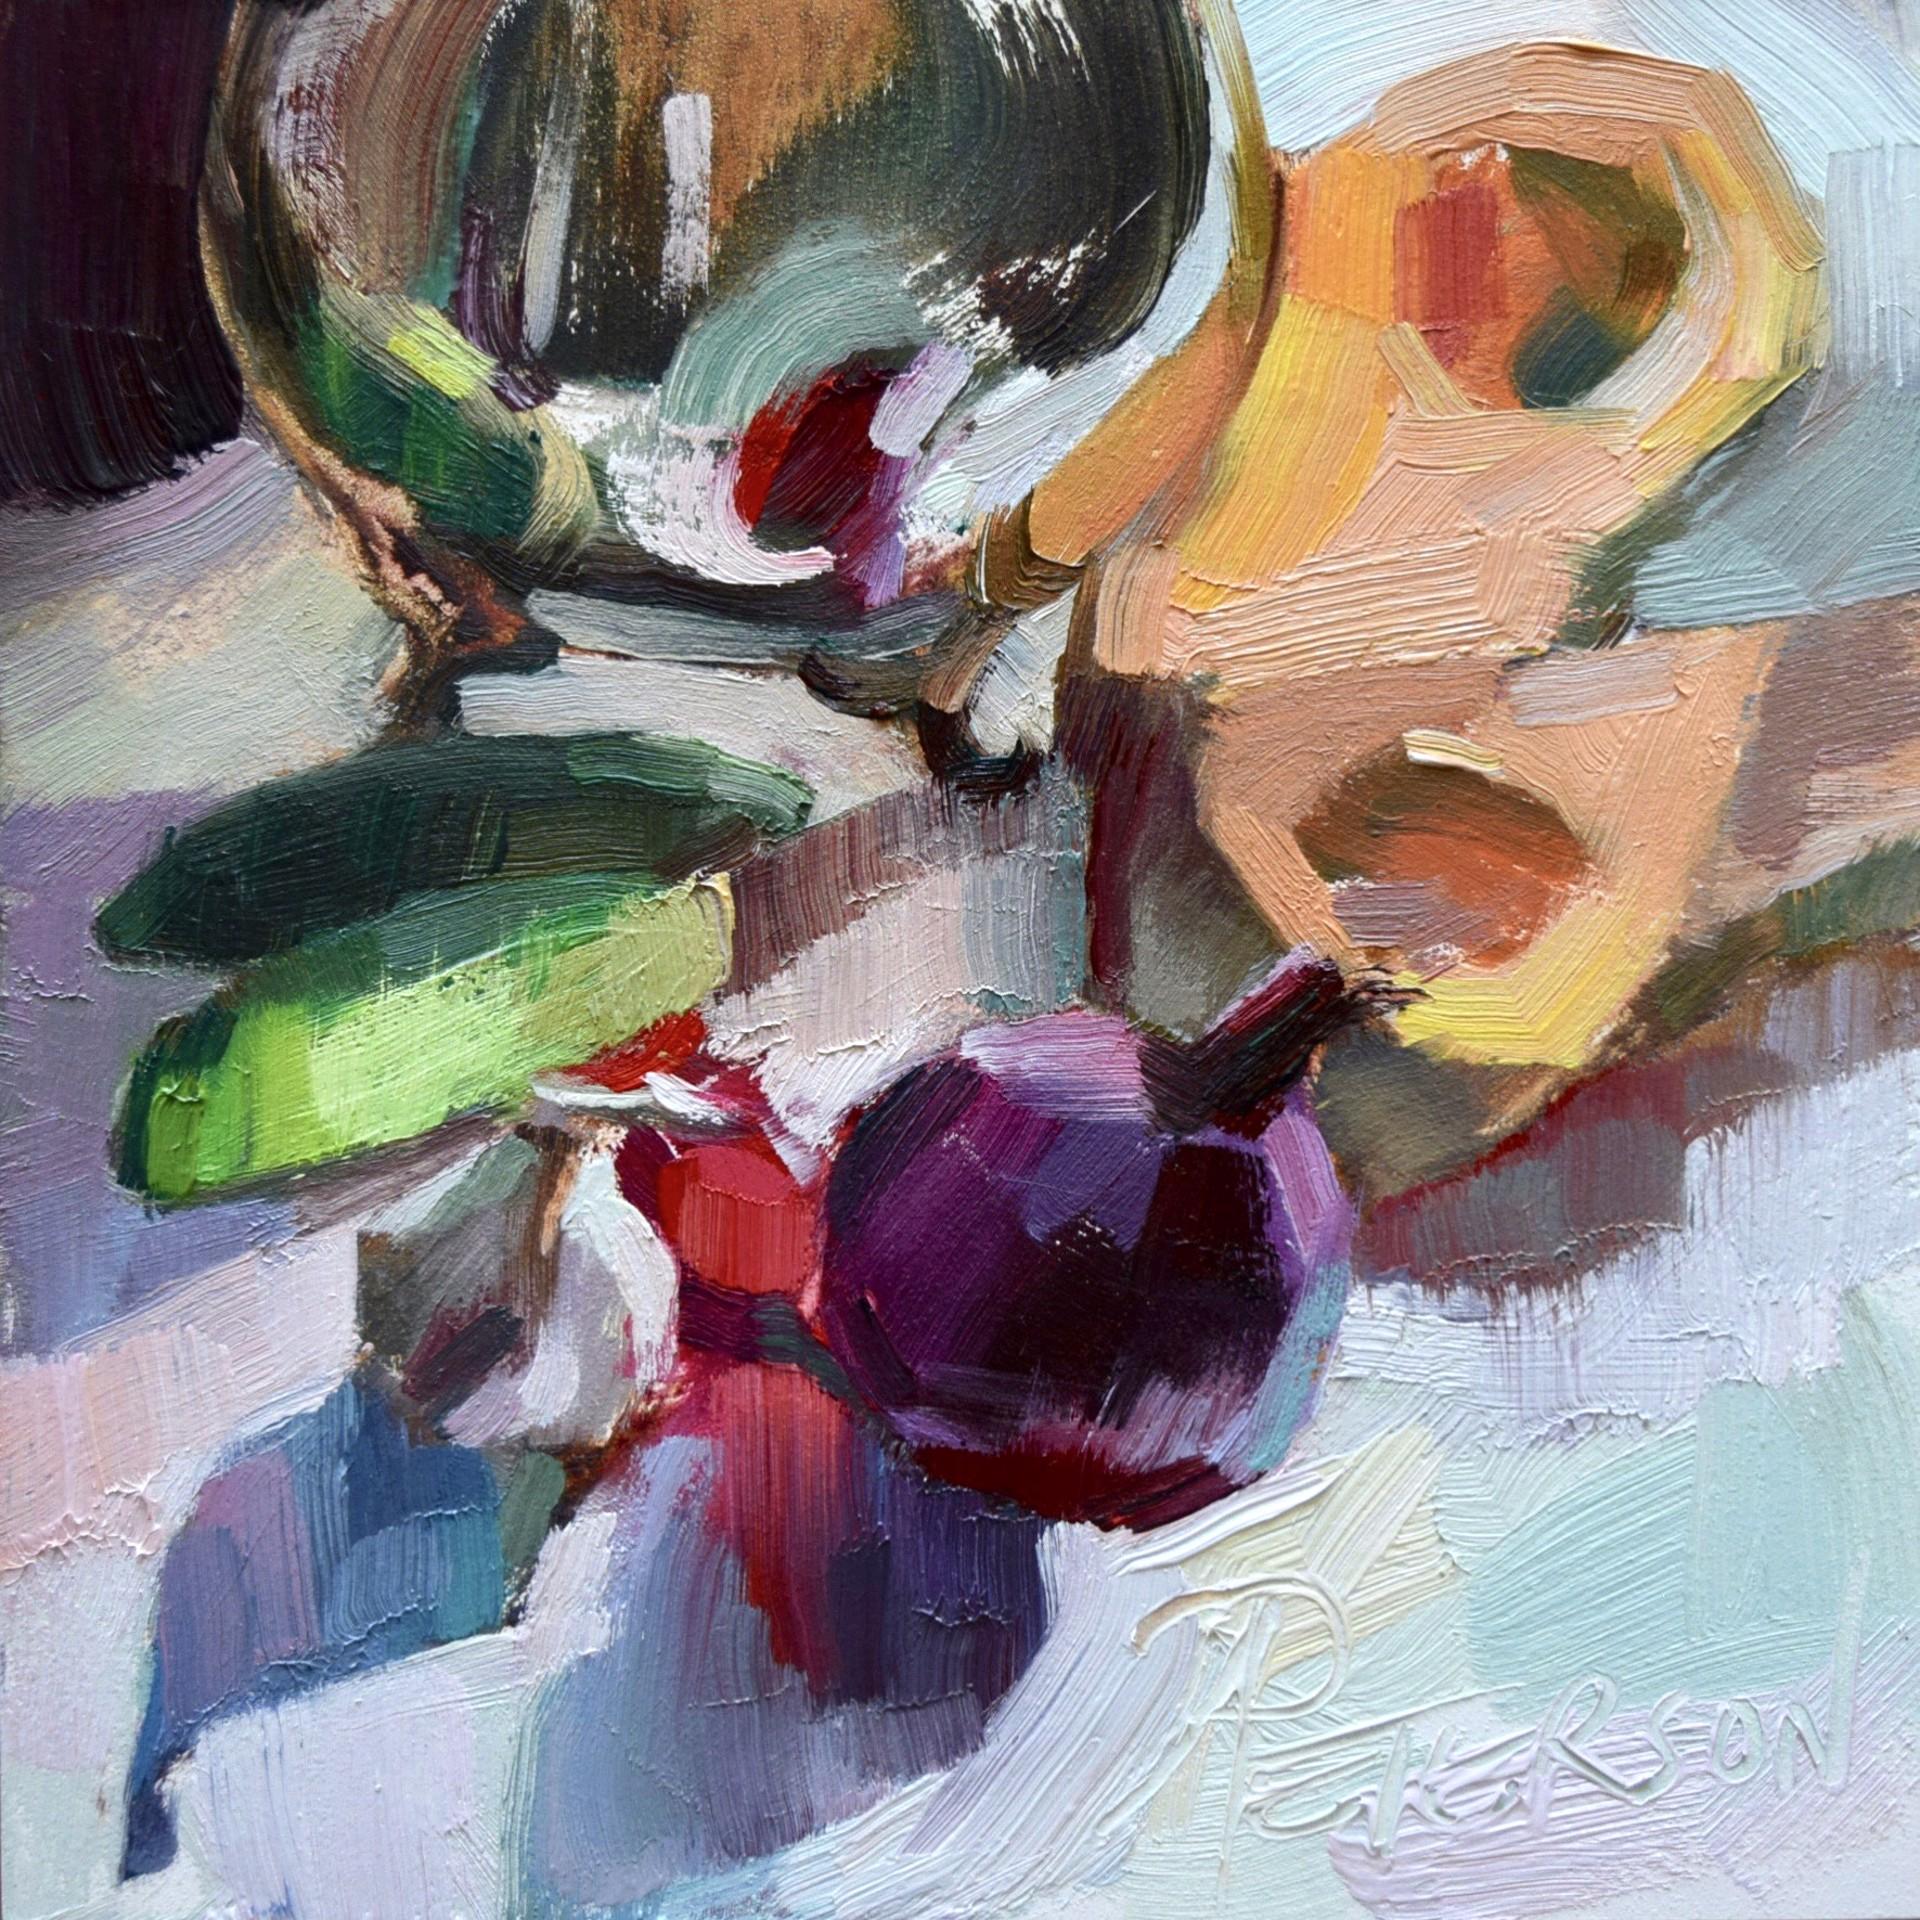 Soup du Jour by Amy R. Peterson